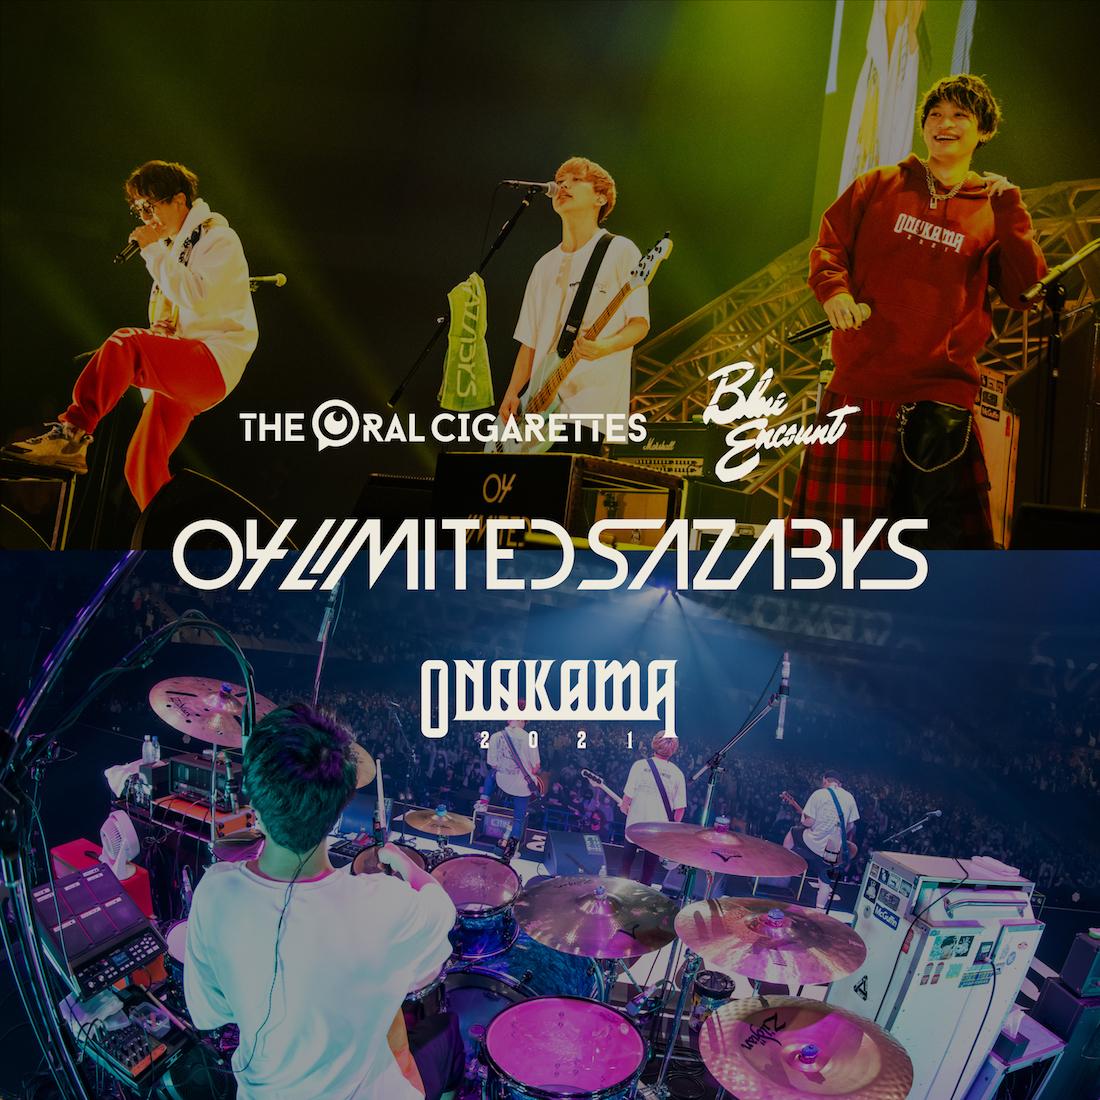 04 Limited Sazabys 「swim feat.Takuya Yamanaka & Shunichi Tanabe(ONAKAMA 2021 Live)」